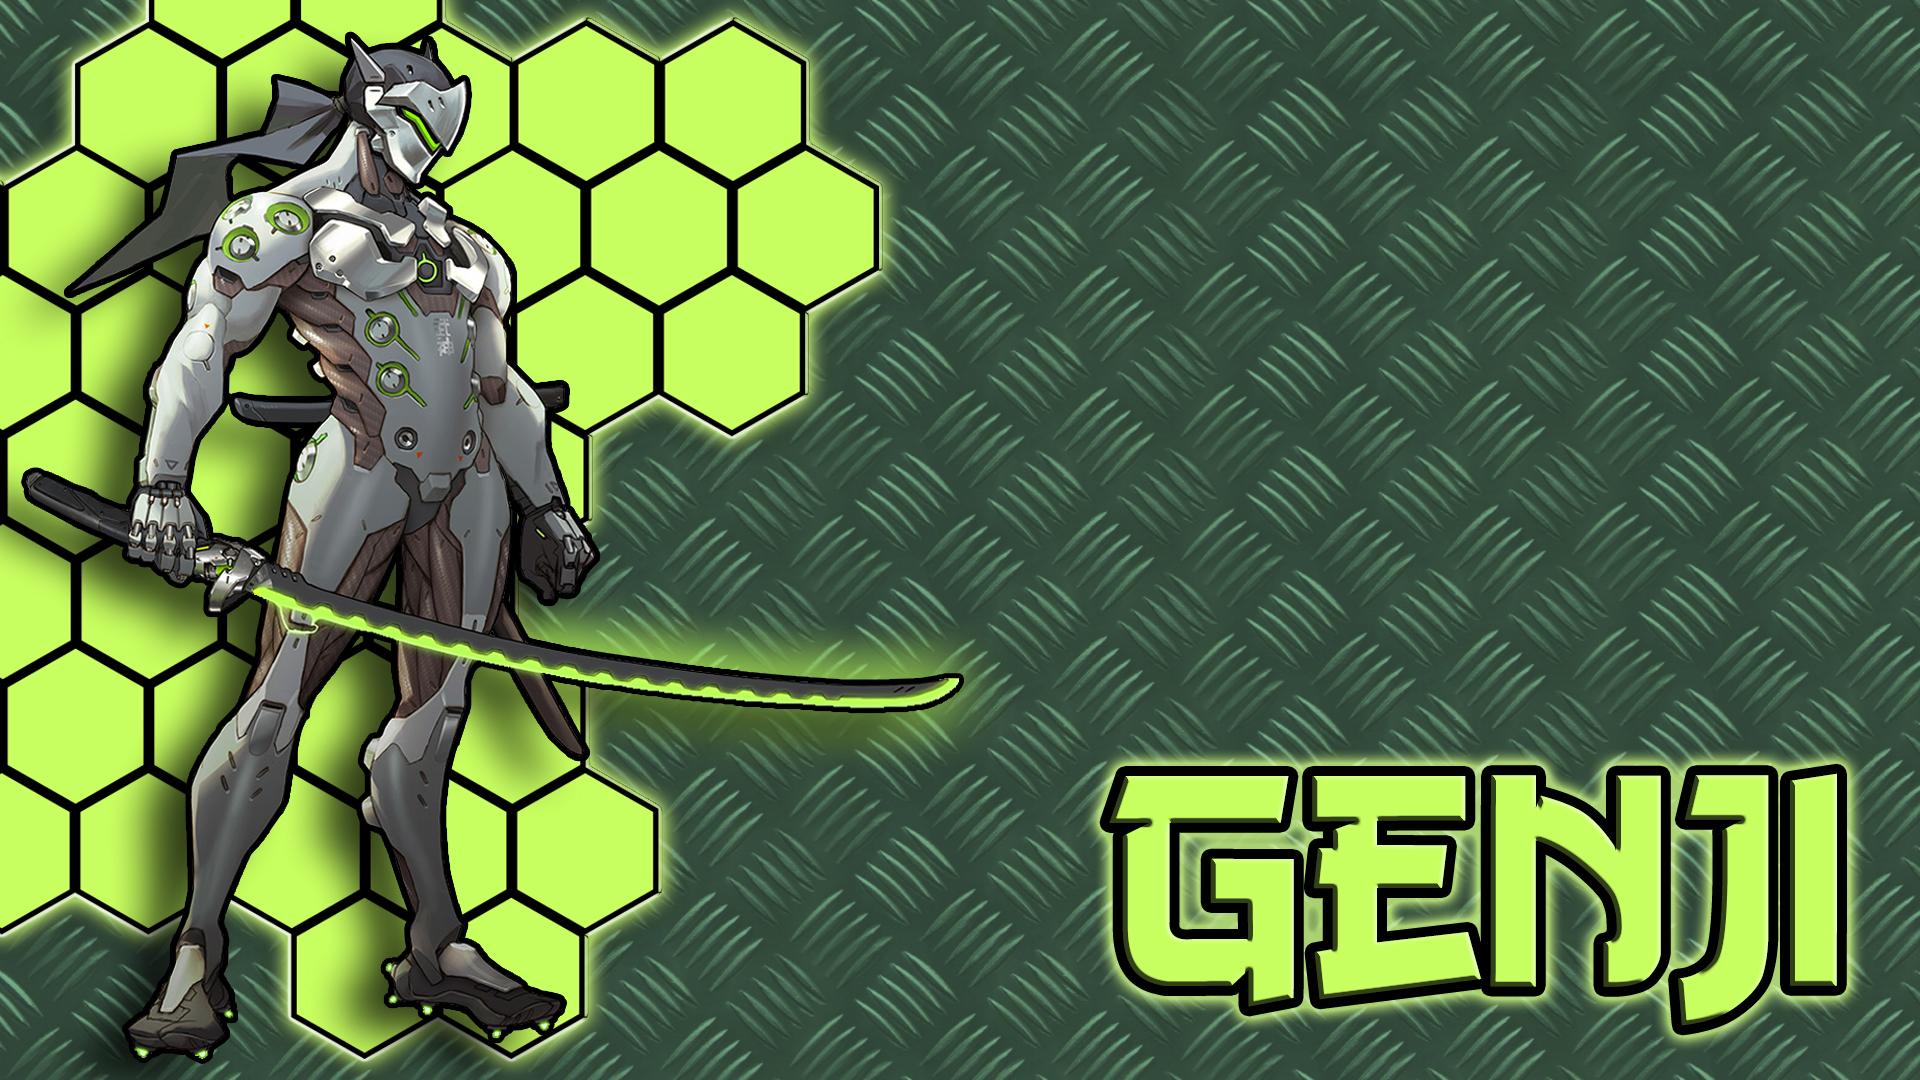 Genji Overwatch Wallpaper Version 2 By Cyracen On DeviantArt